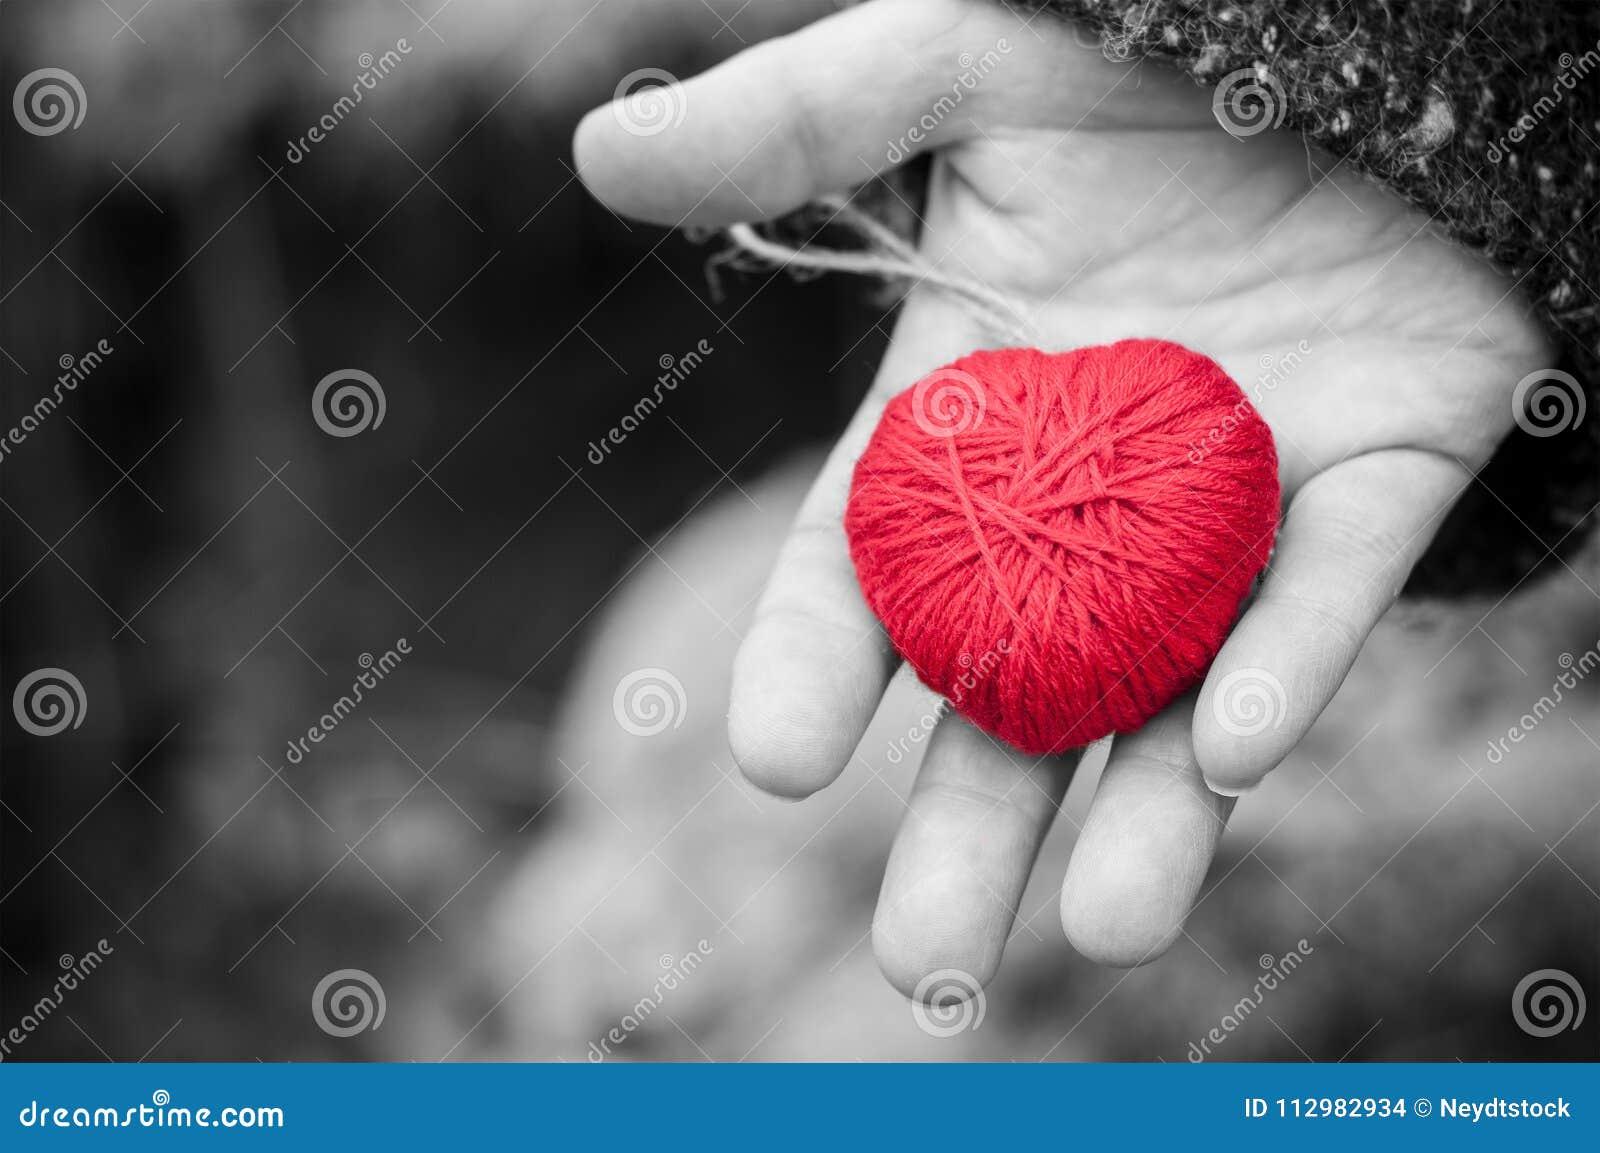 red woolen heart in hand of woman in outdoor